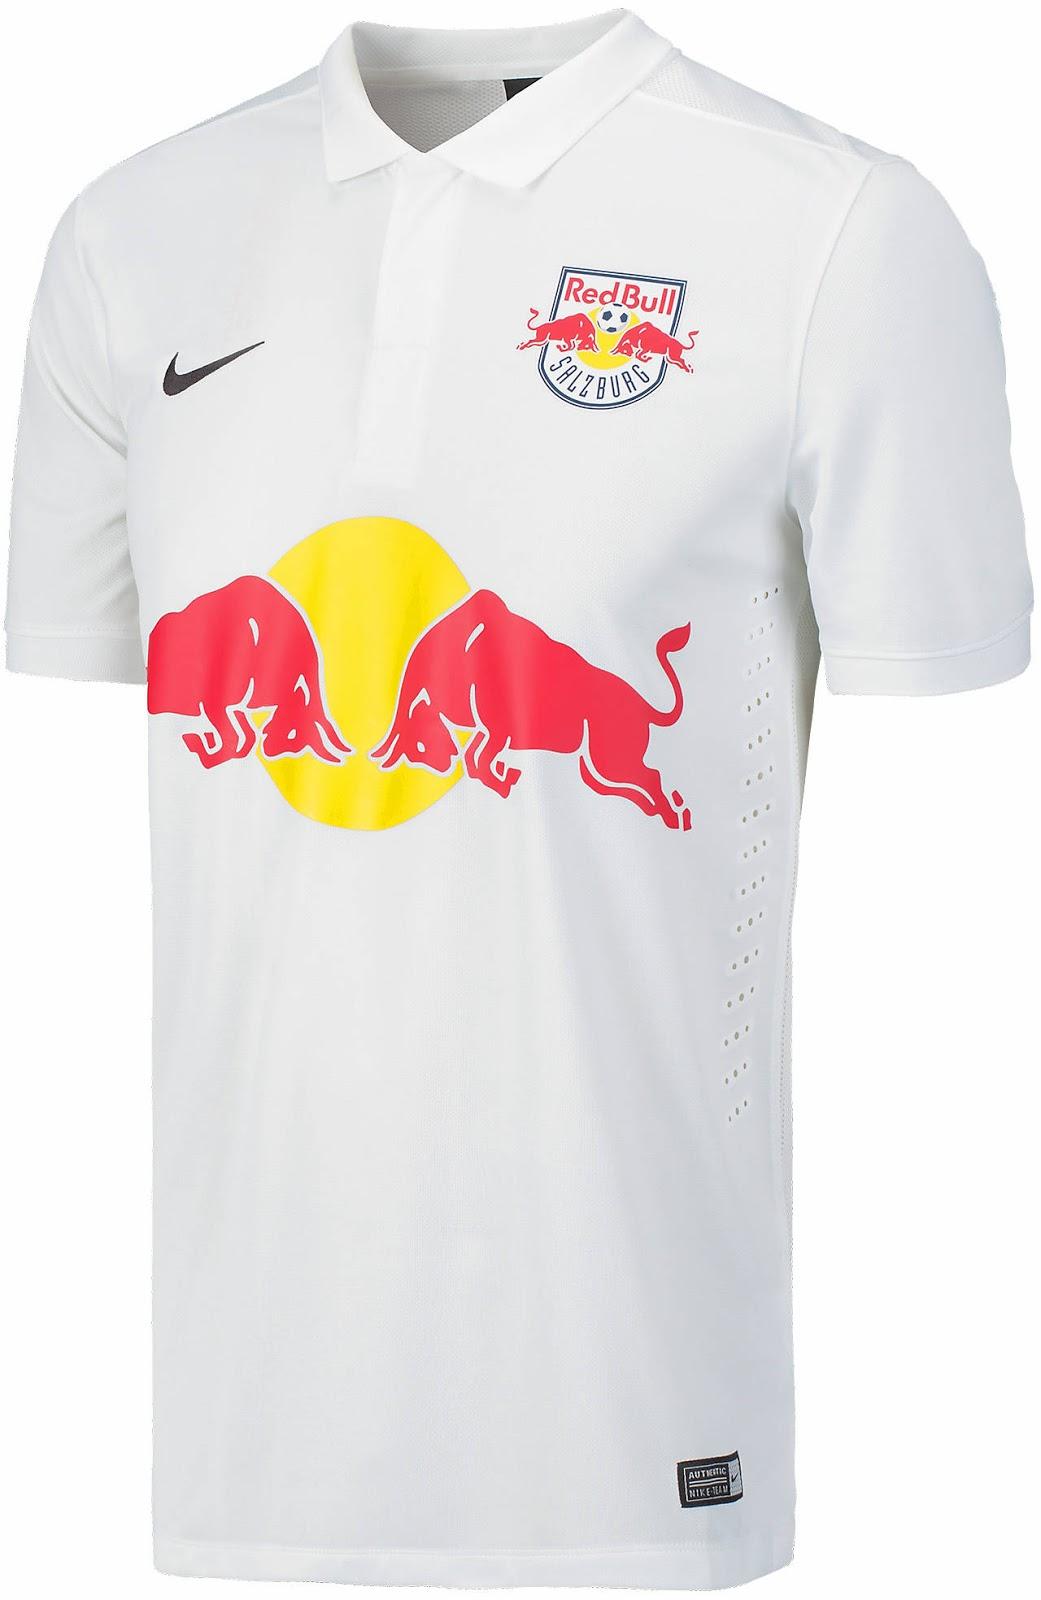 Red Bull Salzburg 14-15 Trikots Veröffentlicht